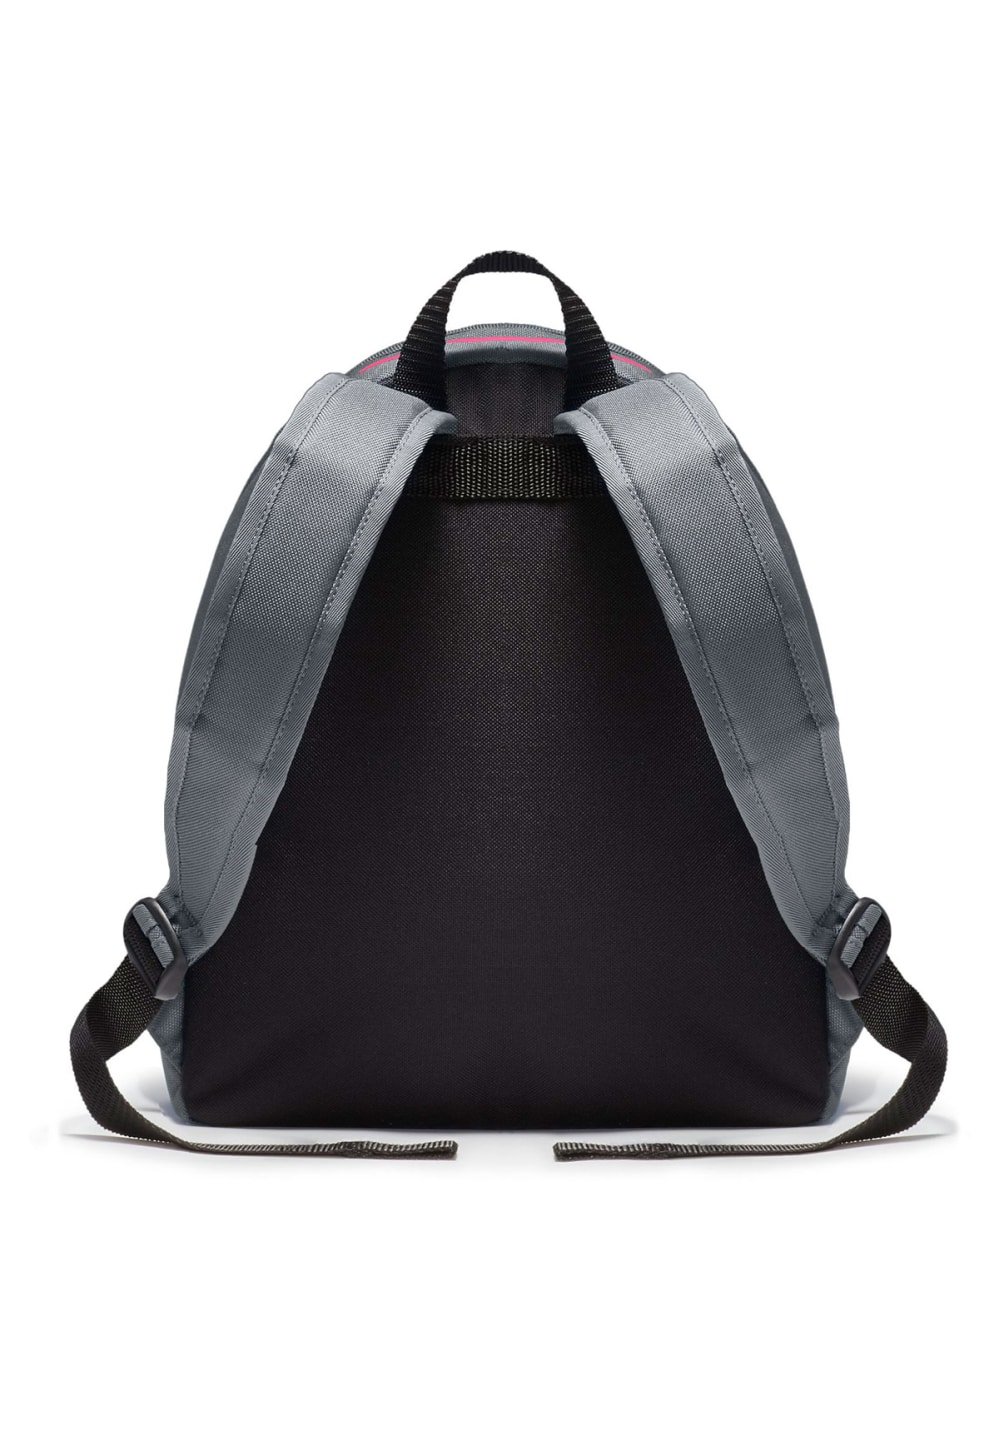 42ff54a5d50e Nike Kids  Classic Backpack - Backpacks - Grey